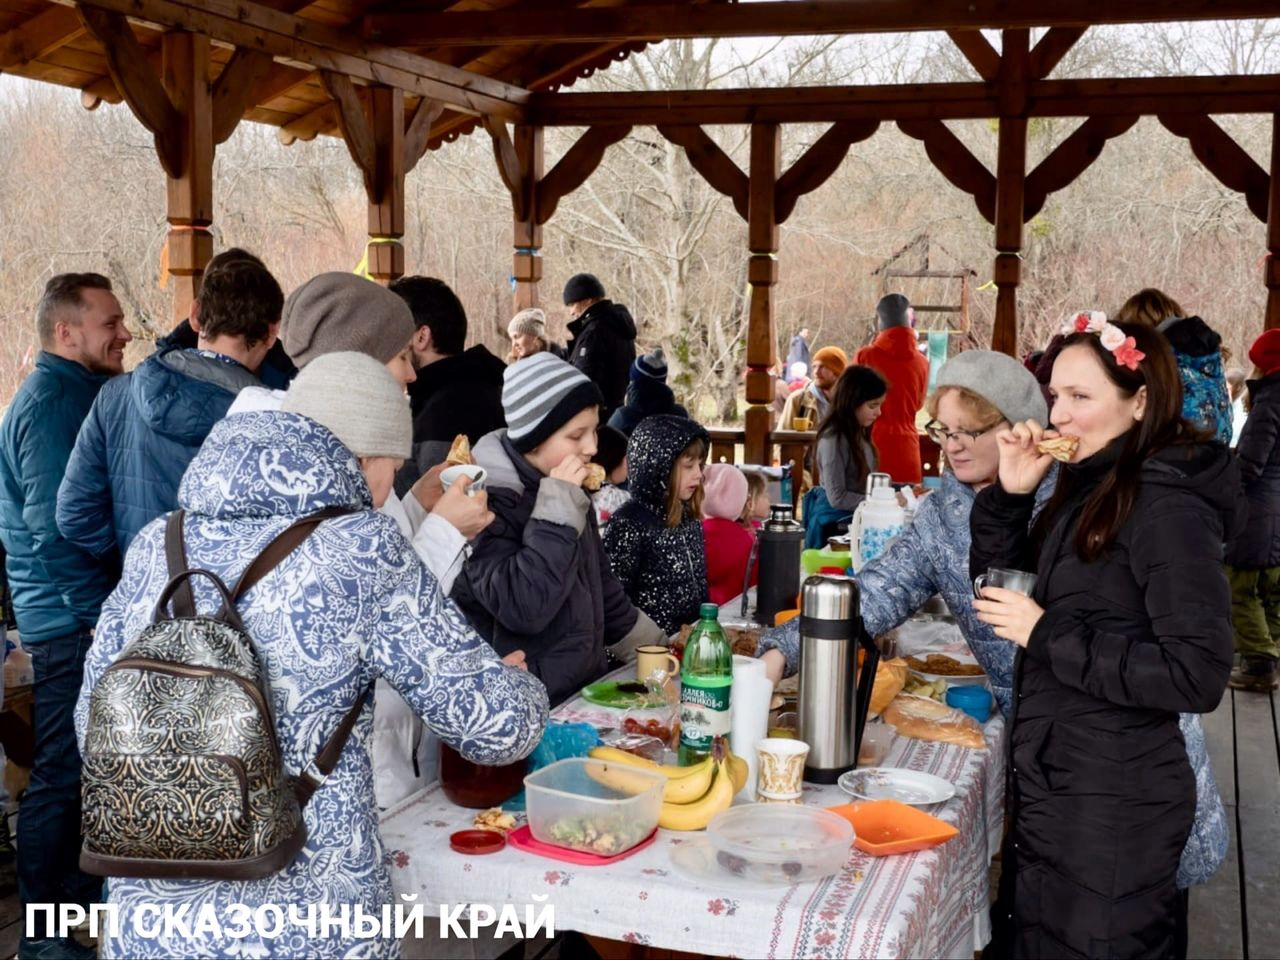 Встреча весны в поселении Сказочный край (4).jpg